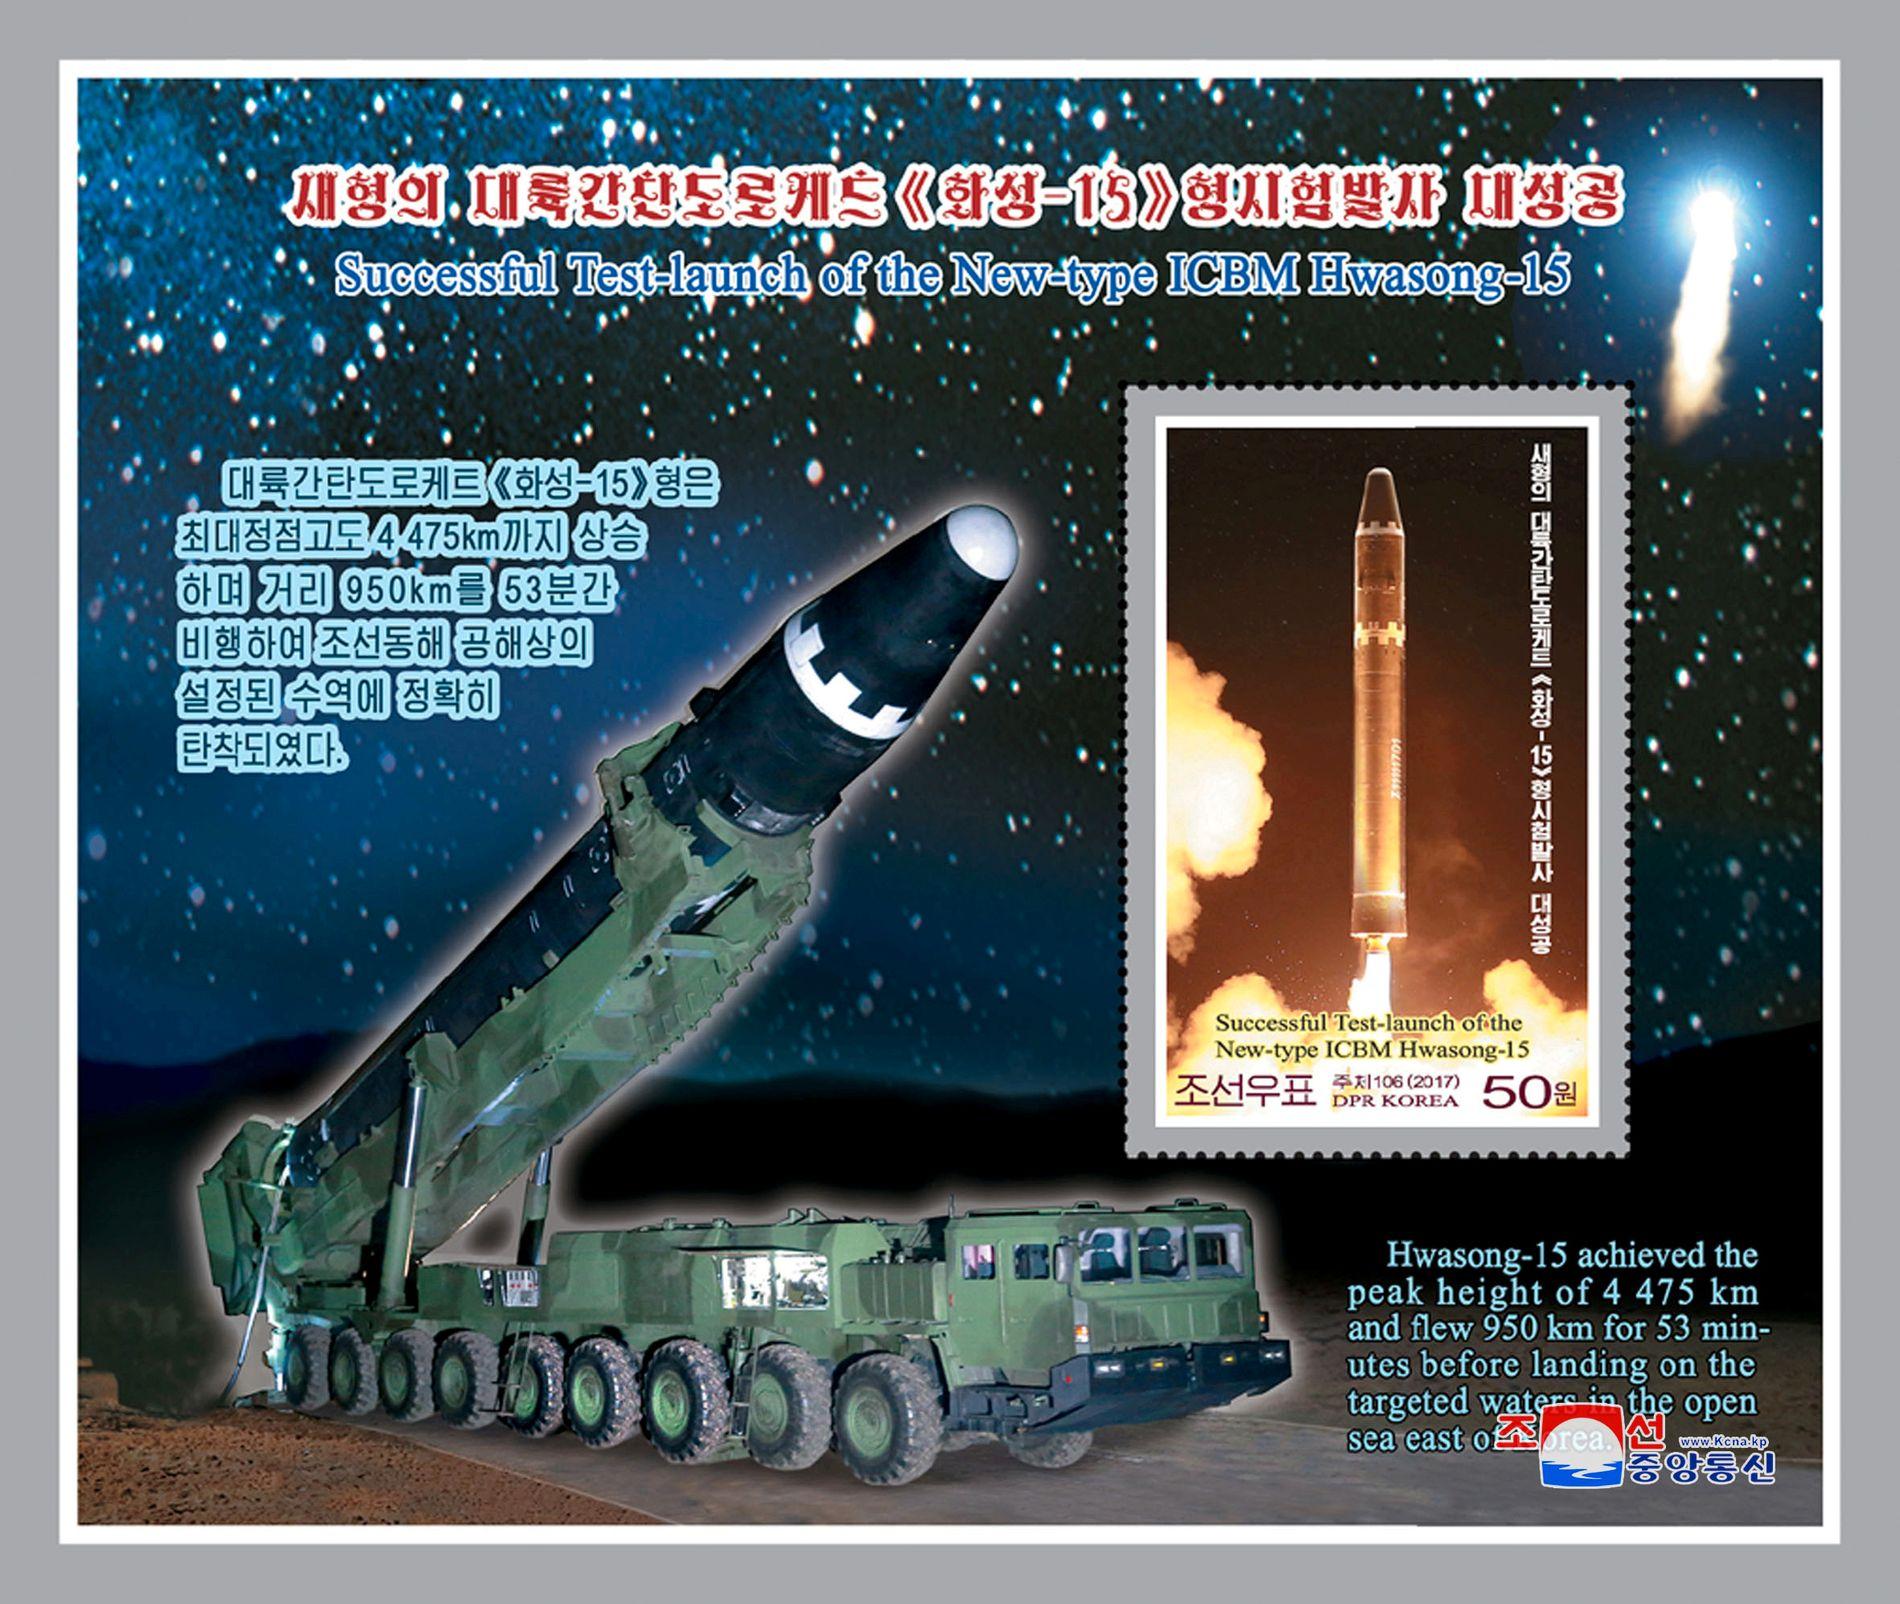 FEIRET OPPSKYTING: Nord-Koreansk frimerke som feirer testoppskytingen av raketten Hwasong-15. Missilet ble testet 28. november 2017, og er den eneste nordkoreanske raketten som kan når hele USA.